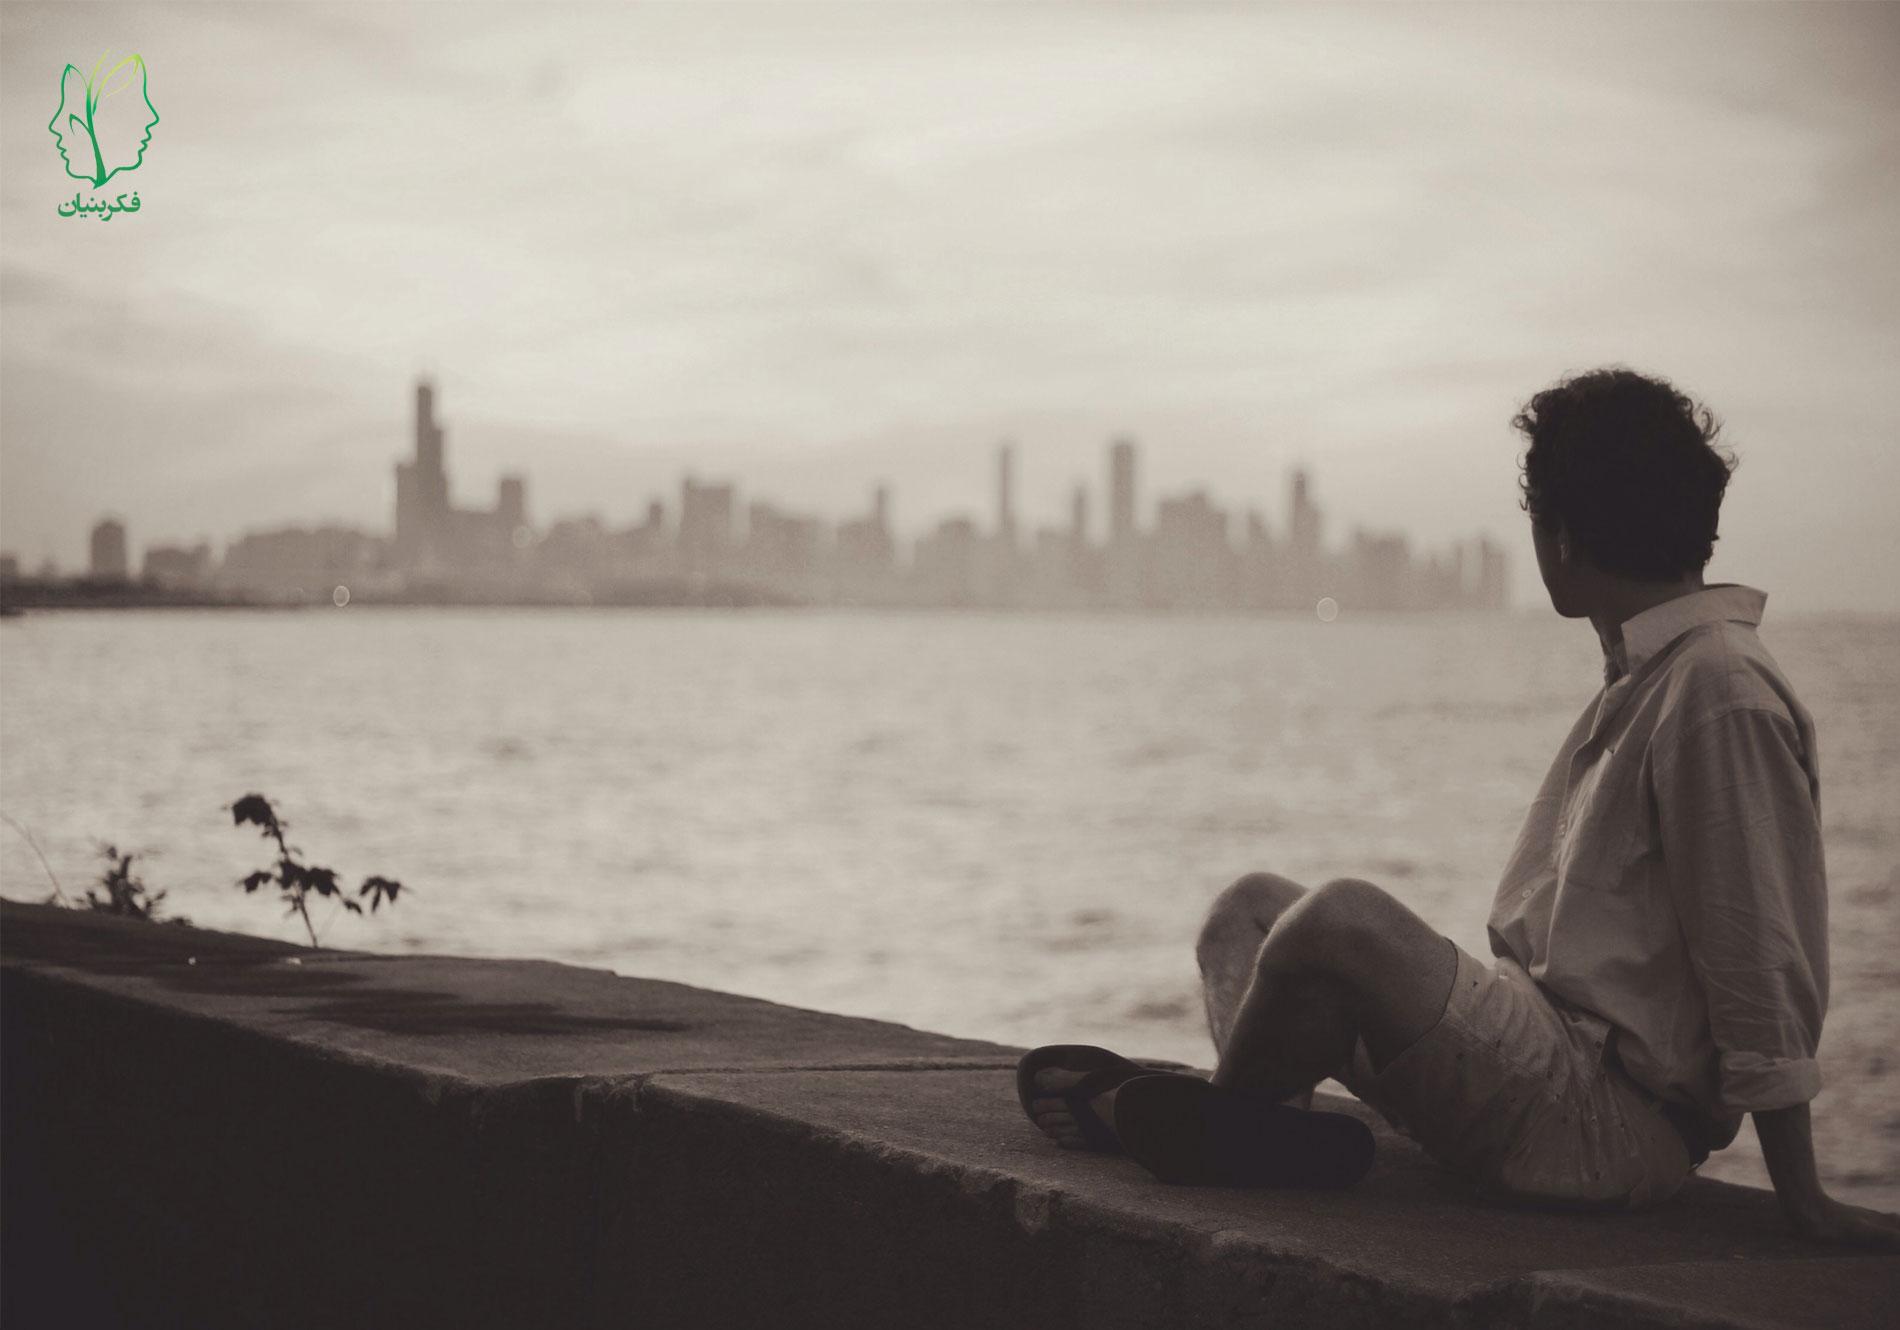 چرا مردان ازدواج را به تعویق می اندازند؟